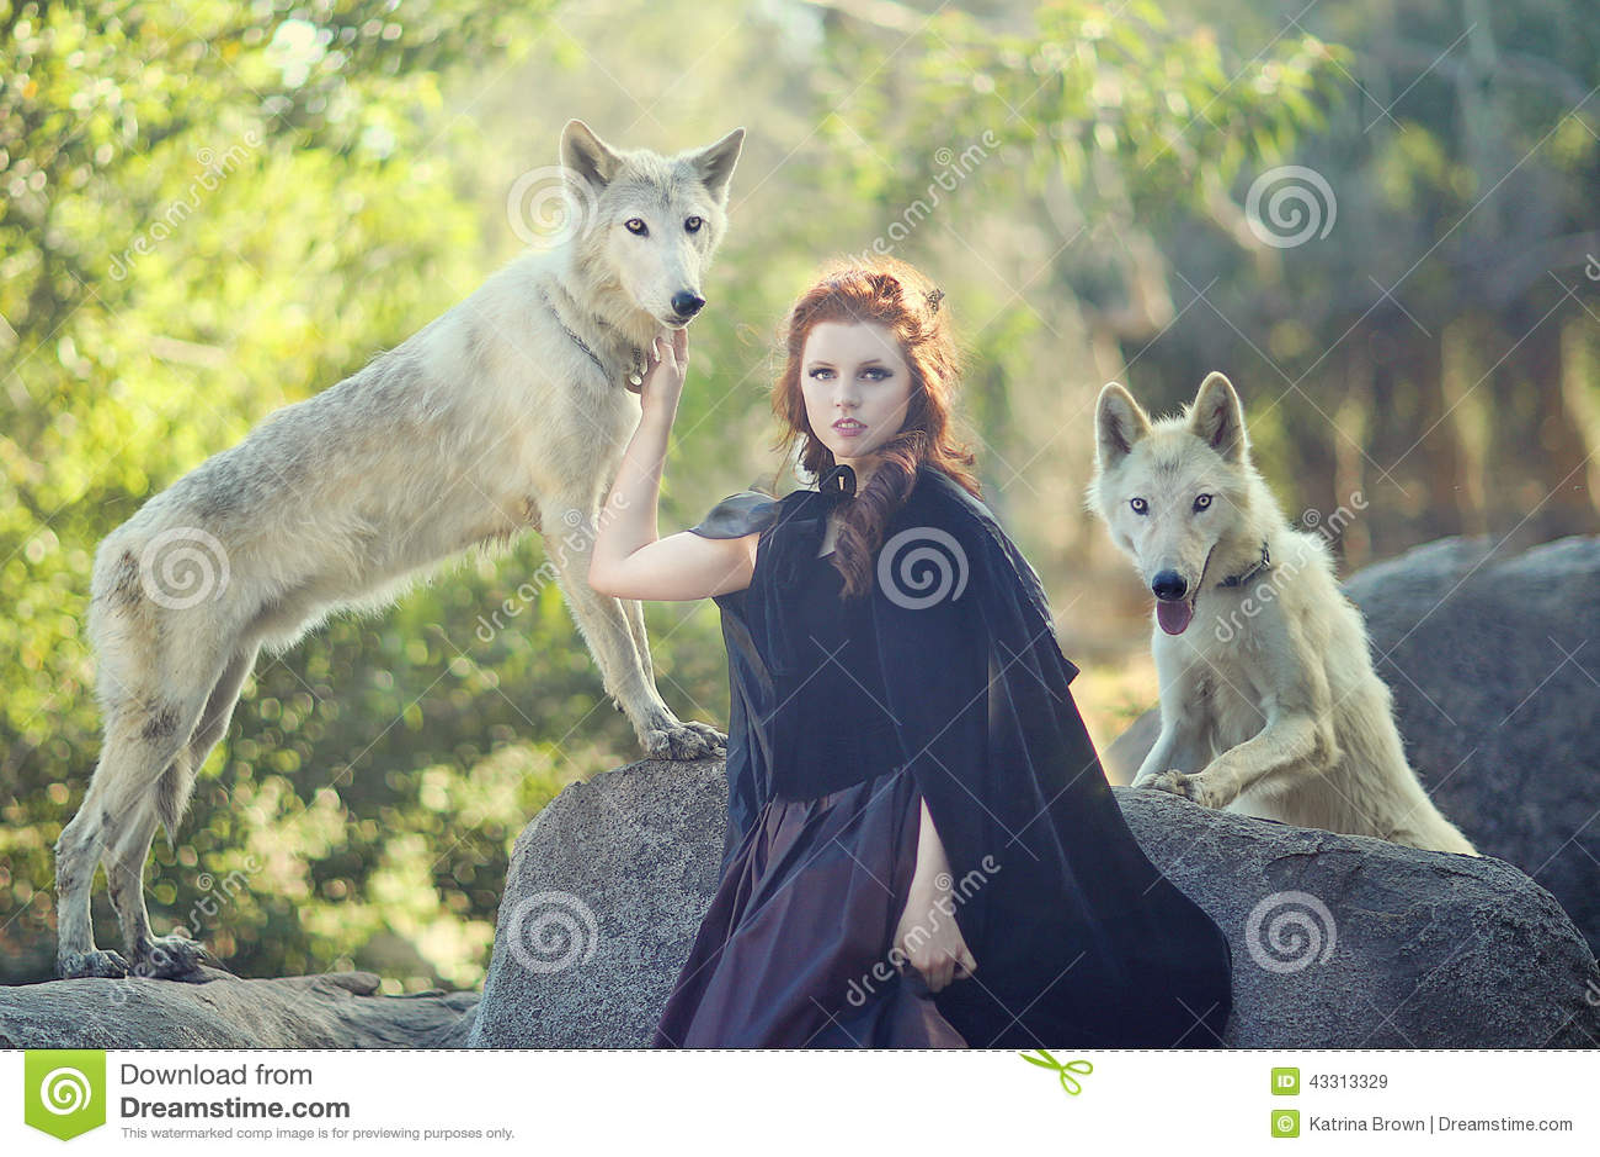 mulher-bonita-que-levanta-com-lobos-fora-43313329.jpg